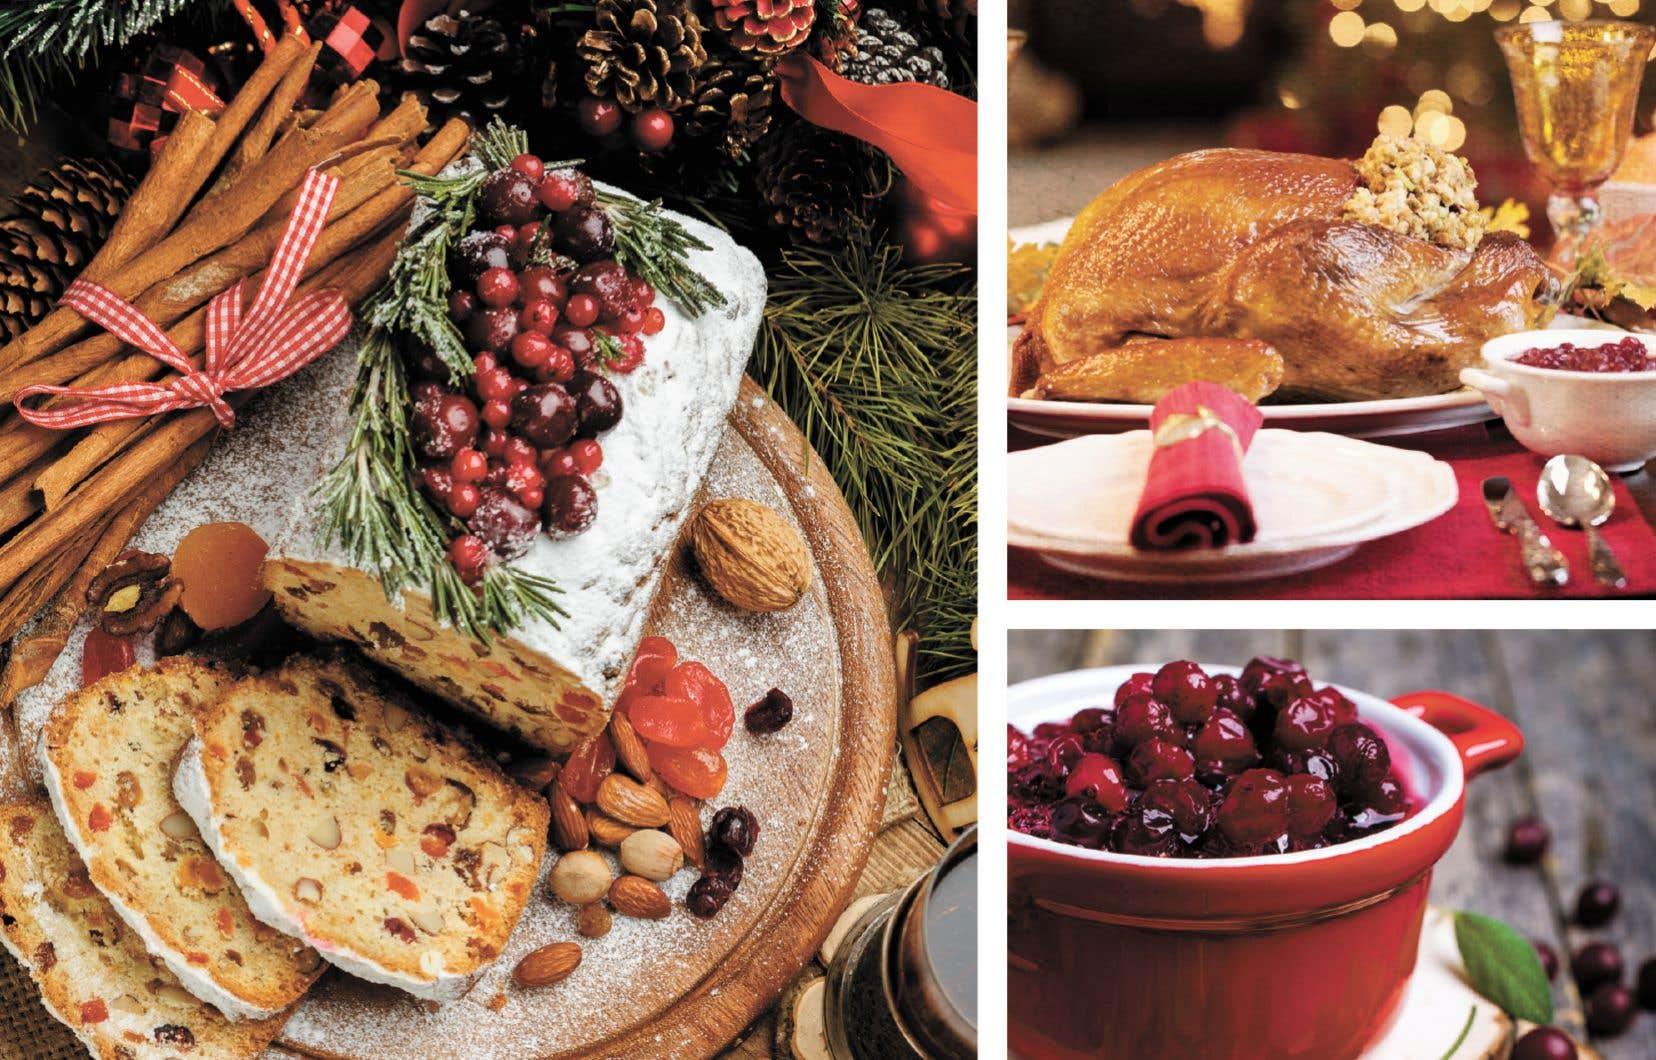 Le gâteau aux fruits, la dinde et les canneberges font partie des traditions alimentaires des Fêtes de bien des familles québécoises.